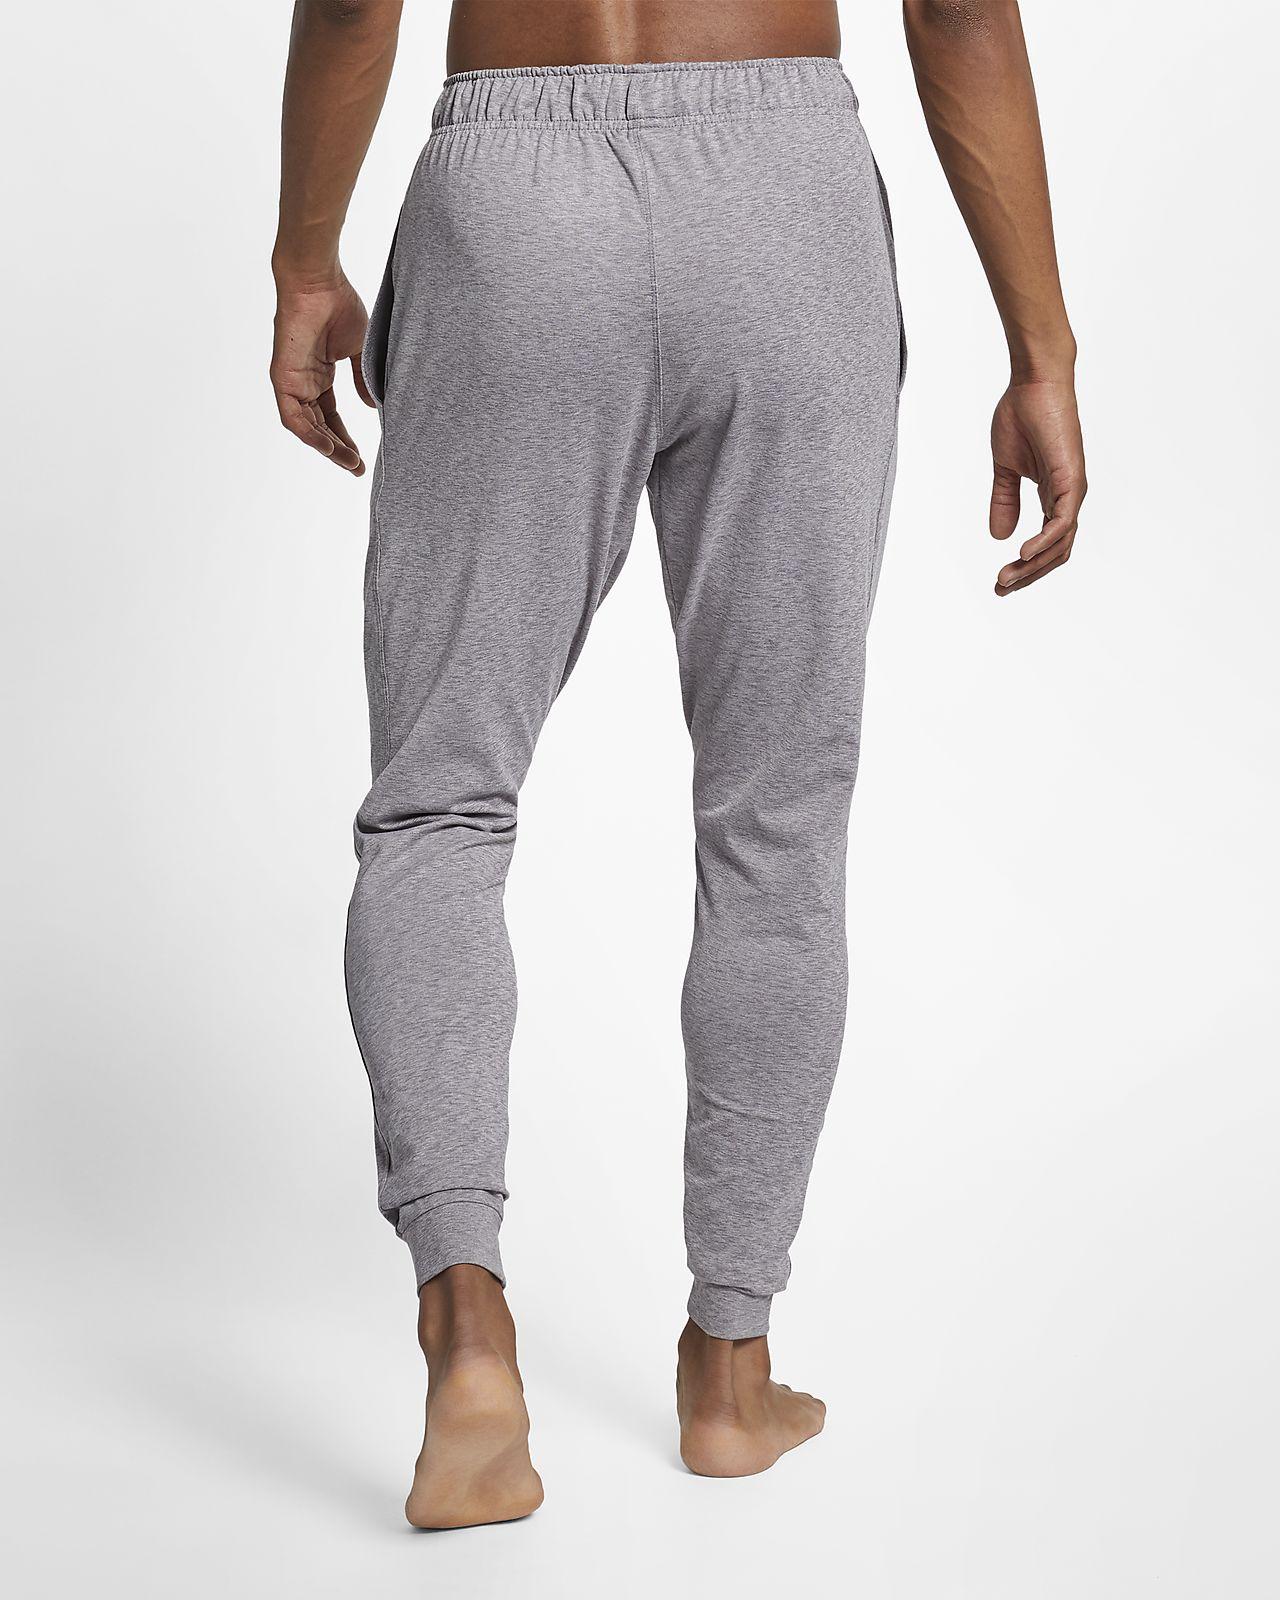 Nike Dri FIT Pantalón de yoga Hombre